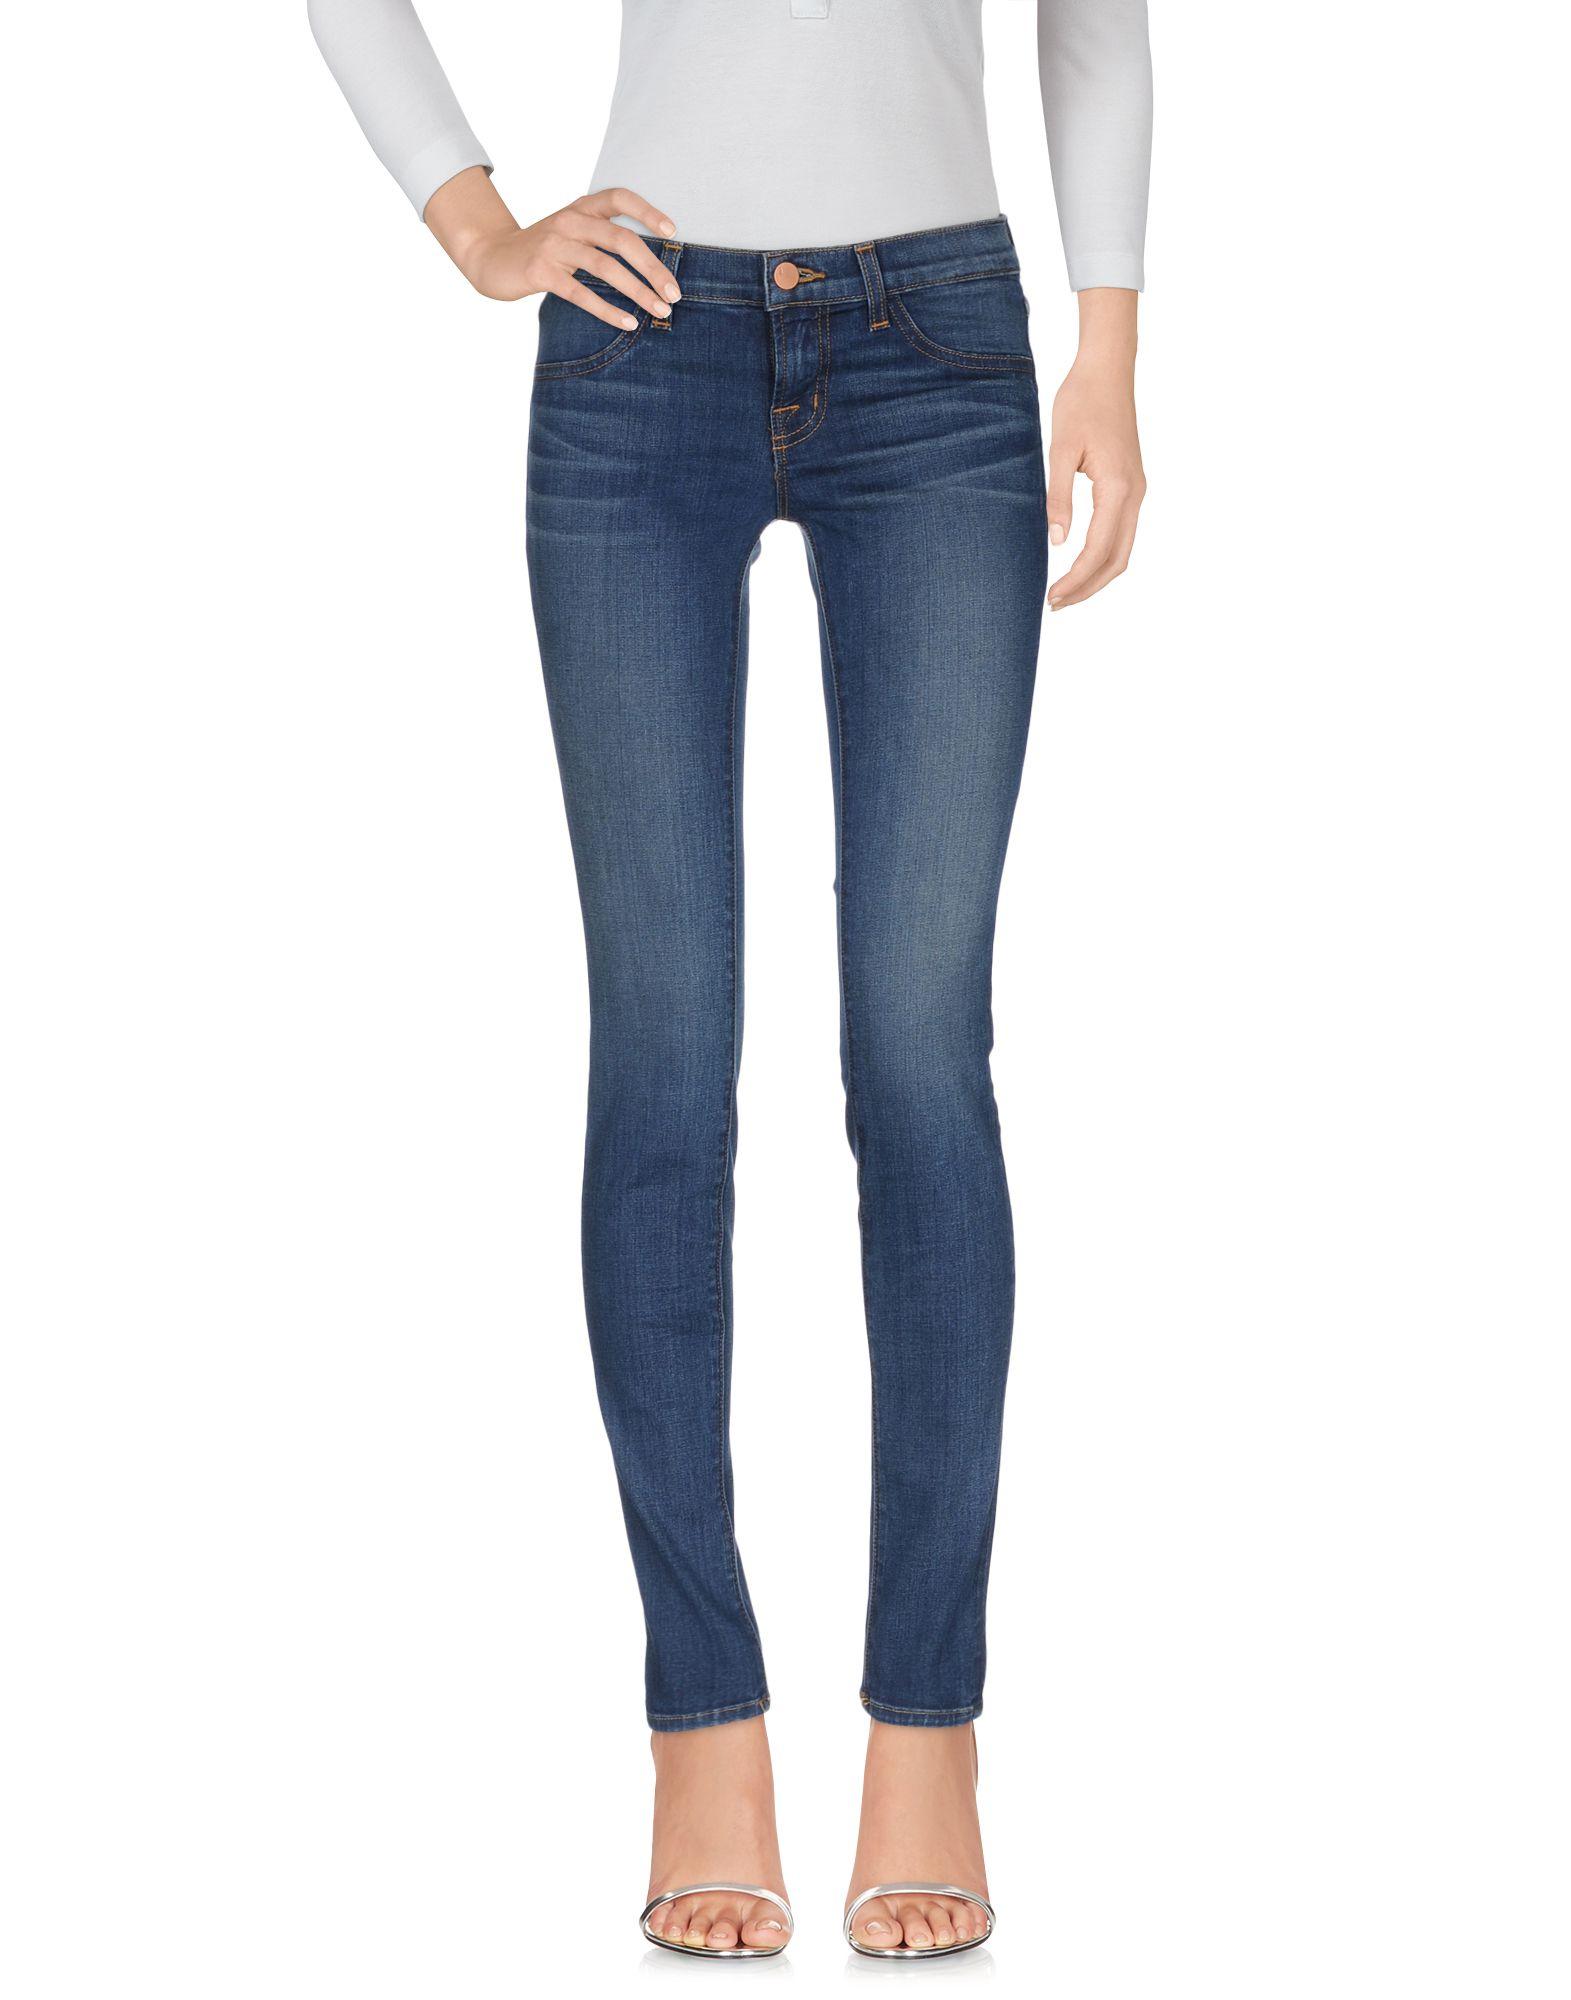 Pantaloni Jeans J Brand Donna - Acquista online su UwJ6DVD6S